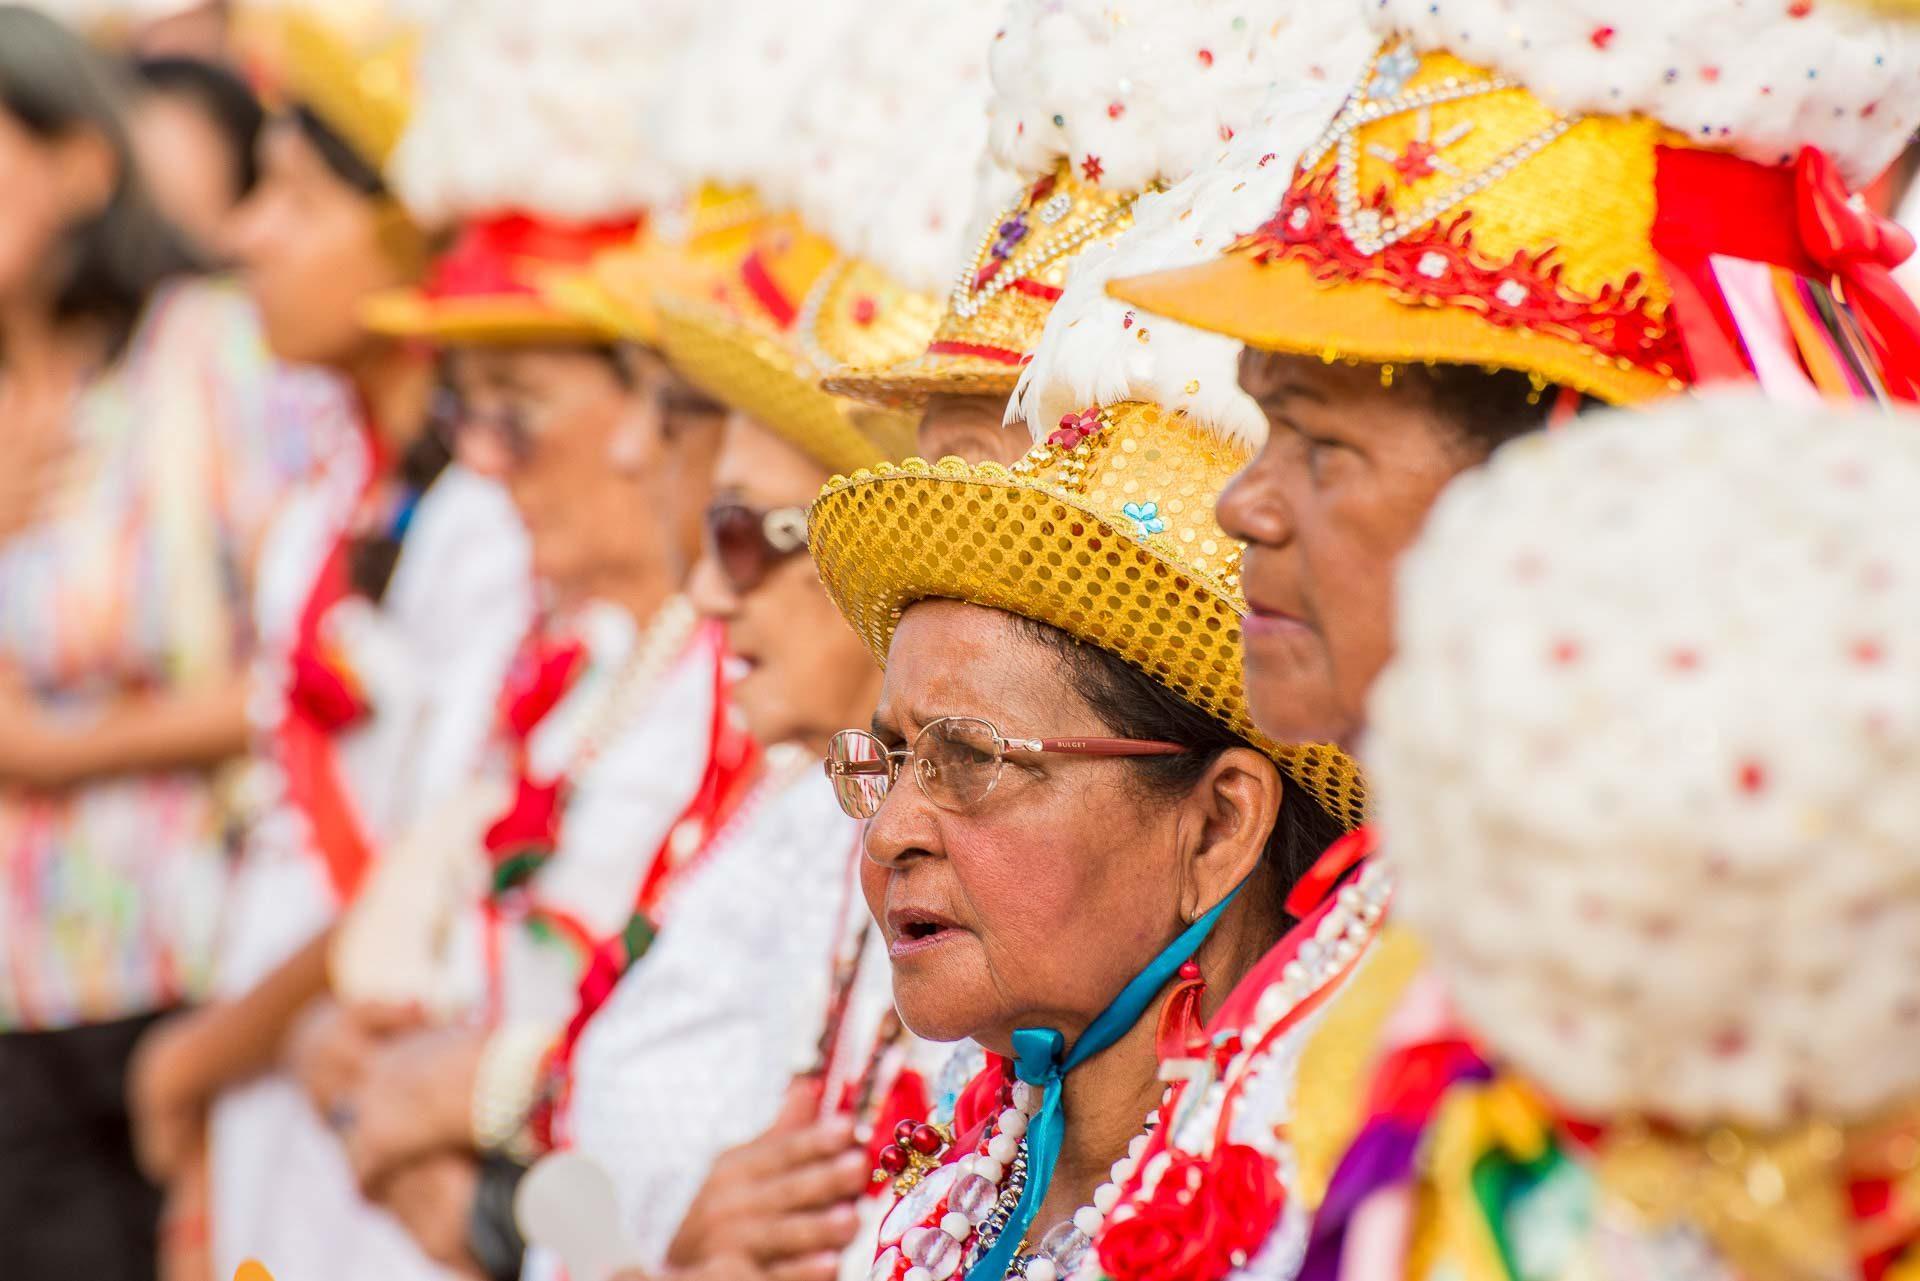 Marujada em Bragança 2015